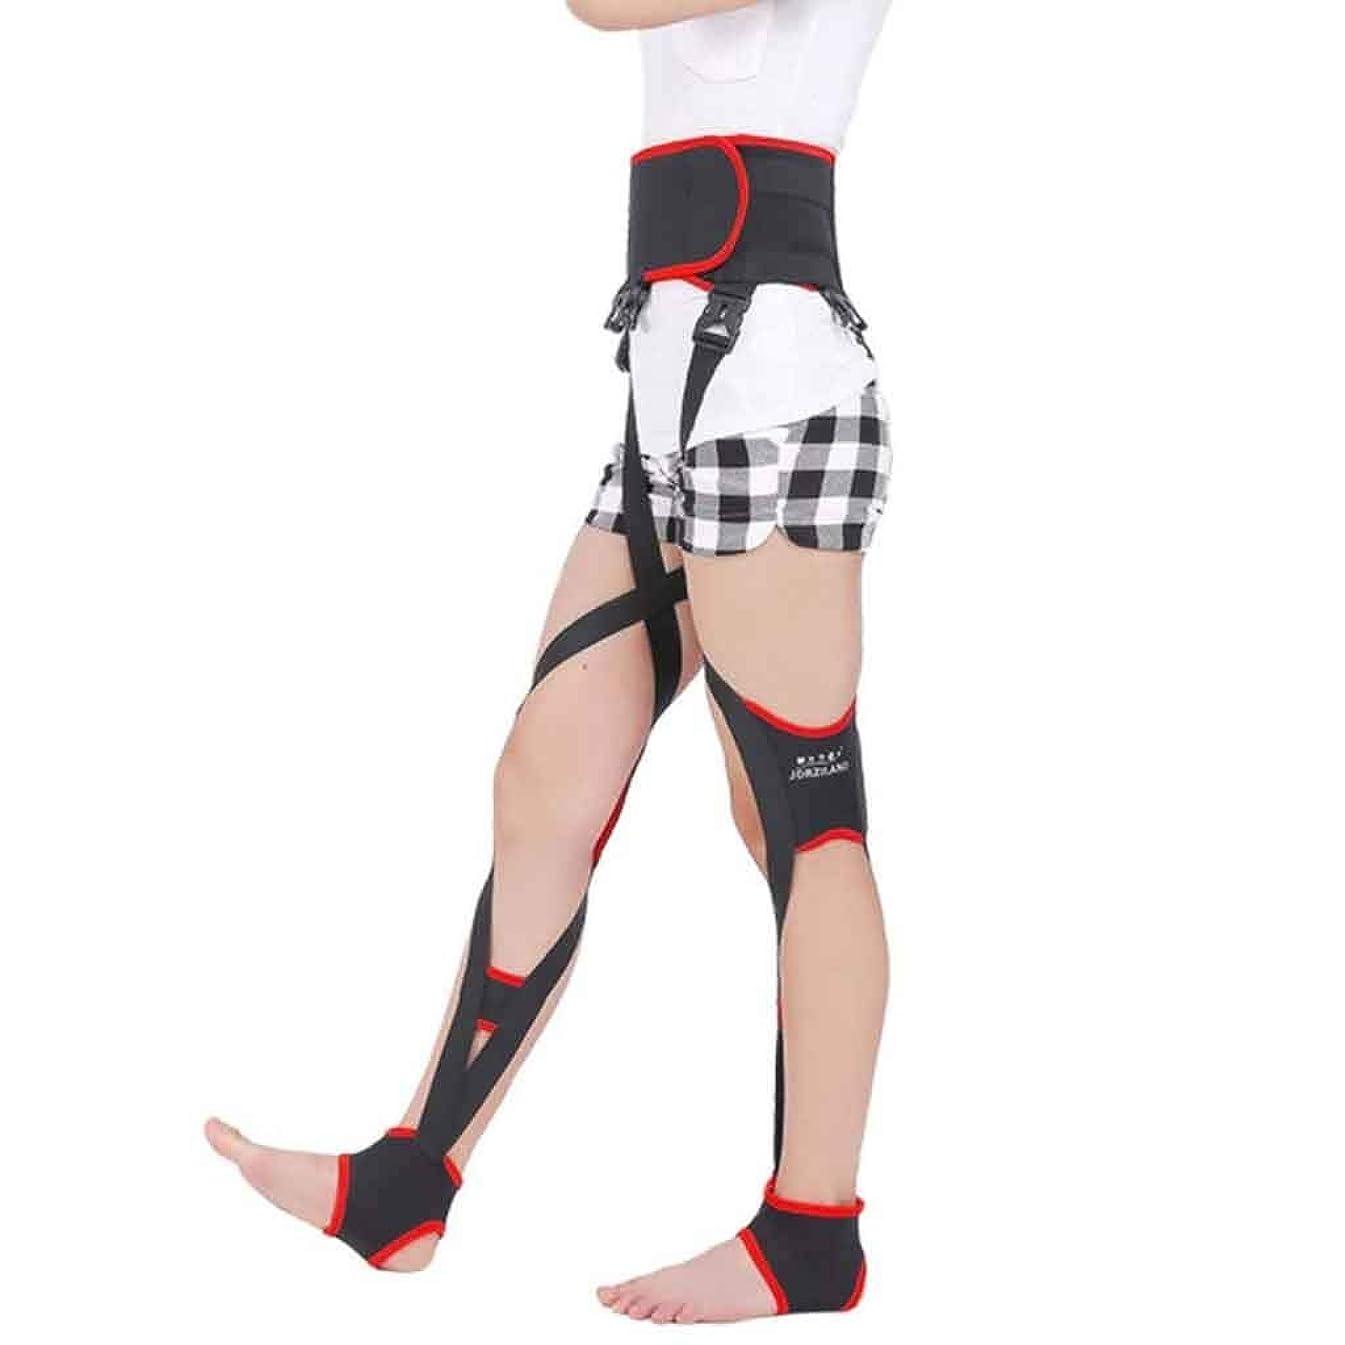 胃講義どこかO脚 矯正ベルト 姿勢矯正 膝弓矯正用ベルト X脚 矯正 内反膝矯正 美脚サポート 矯正用包帯